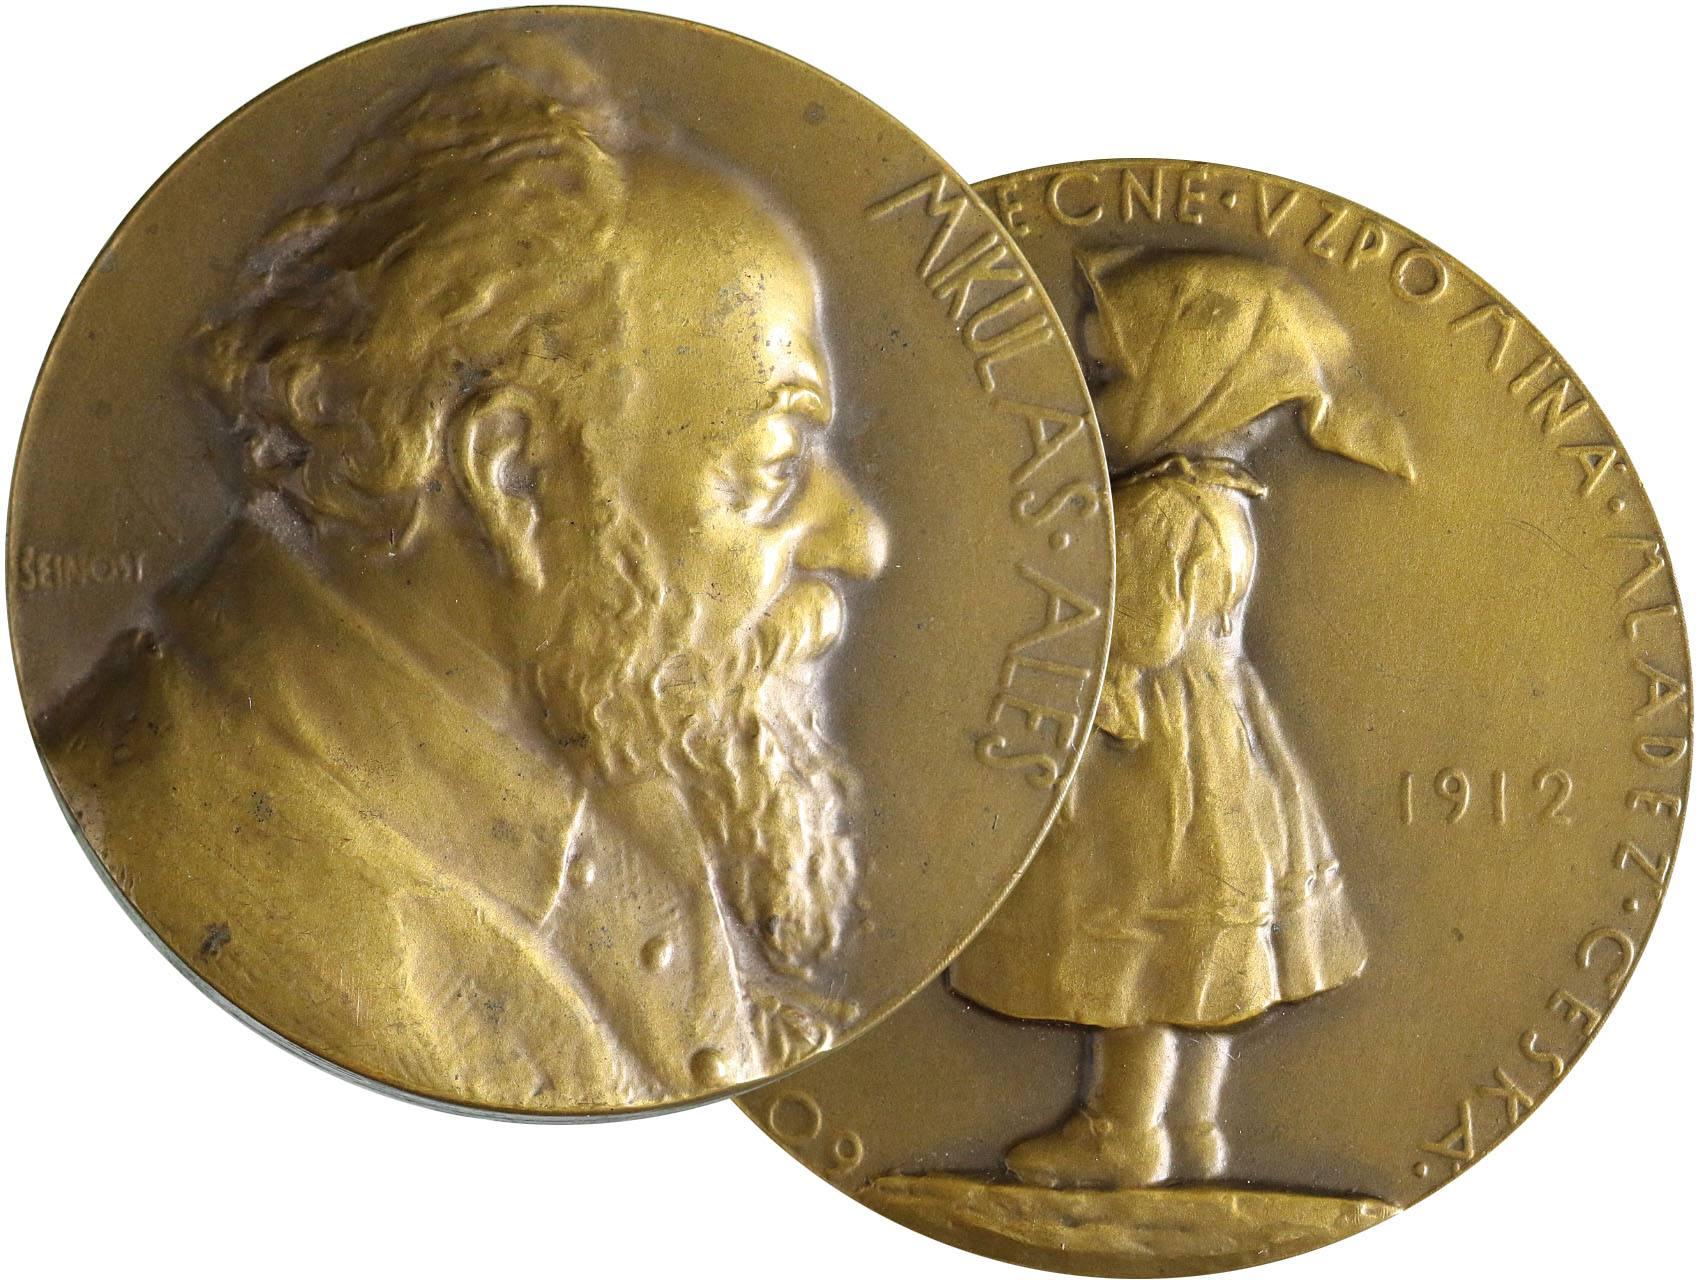 Šejnost Josef 1878-1941 - AE medaile 1912, Mikoláš Aleš k 60.narozeninám. Poprsí zprava, opis / děvčátko v kroji drží kytici květin, letopočty, opis. Bronz 50 mm, raženo 372 ks., Bo-001b